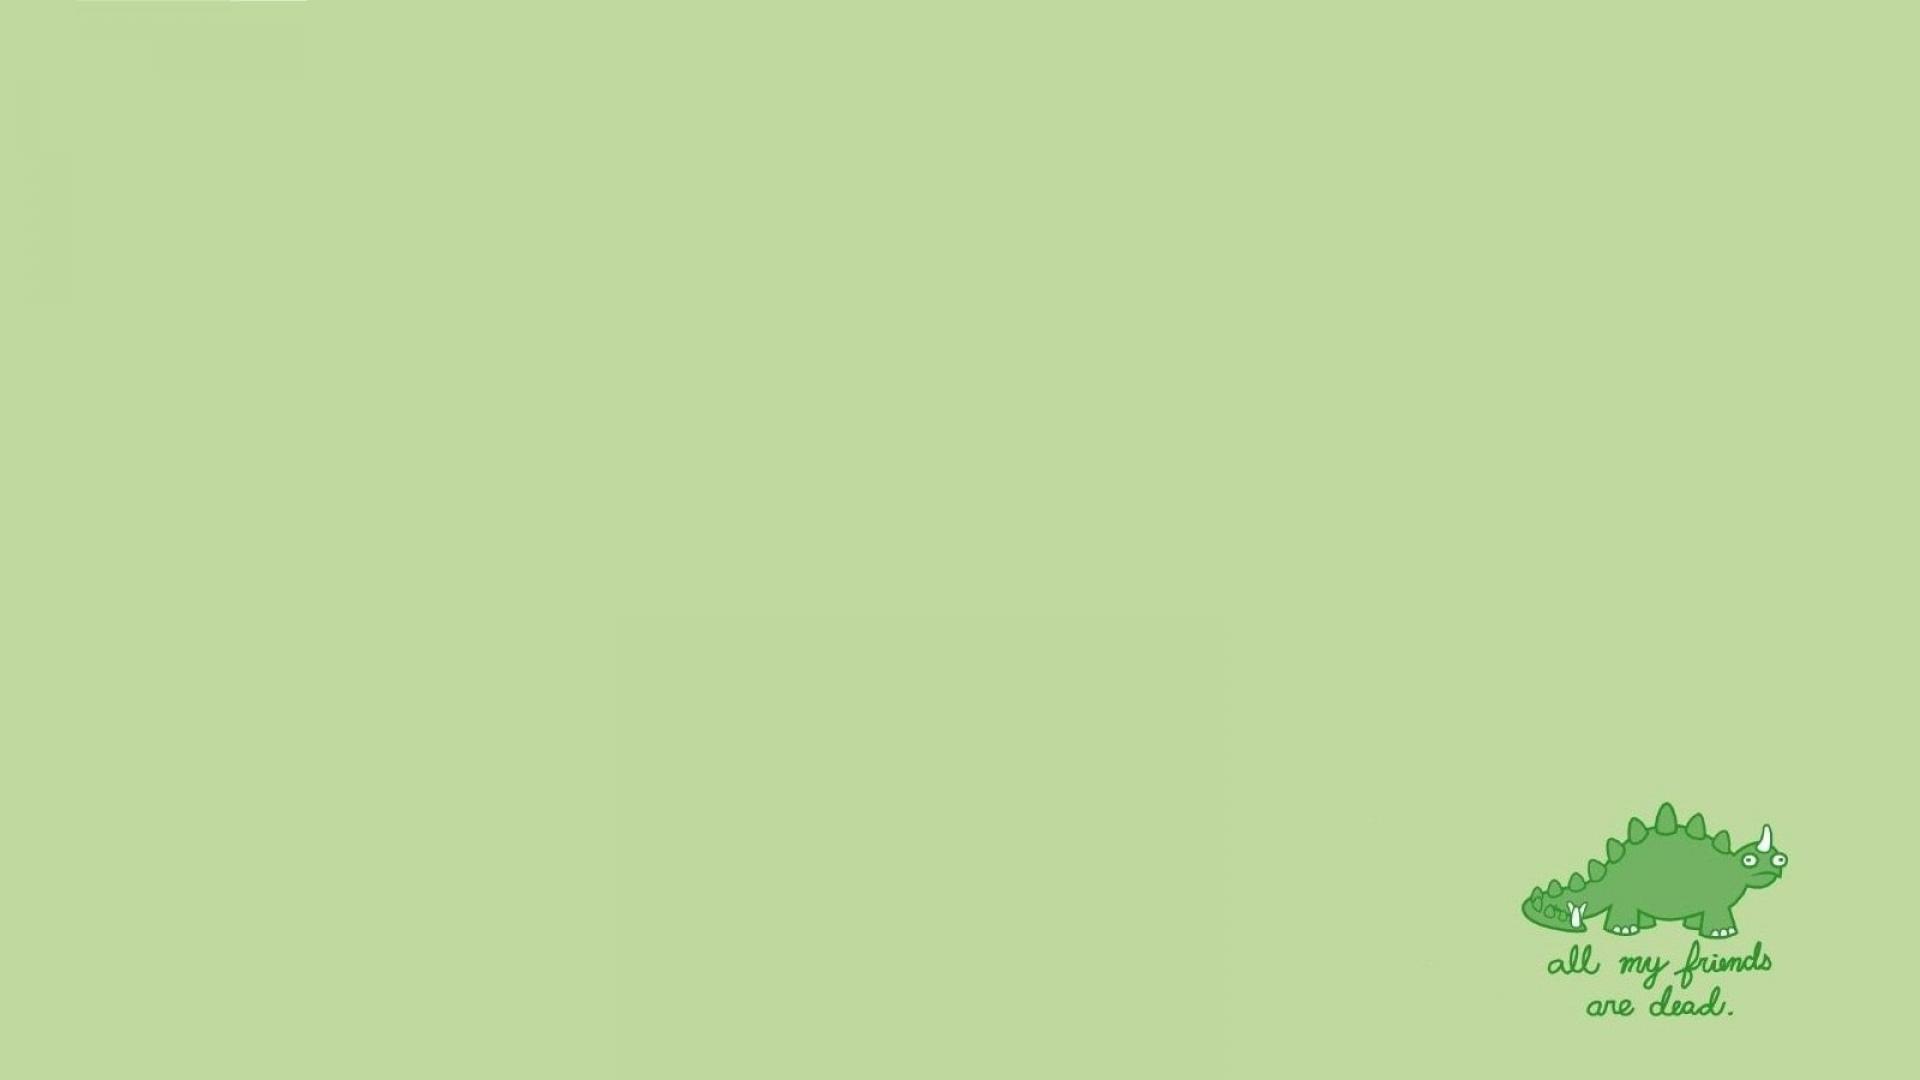 Simple wallpaper 1600x900 HQ WALLPAPER   42362 1920x1080